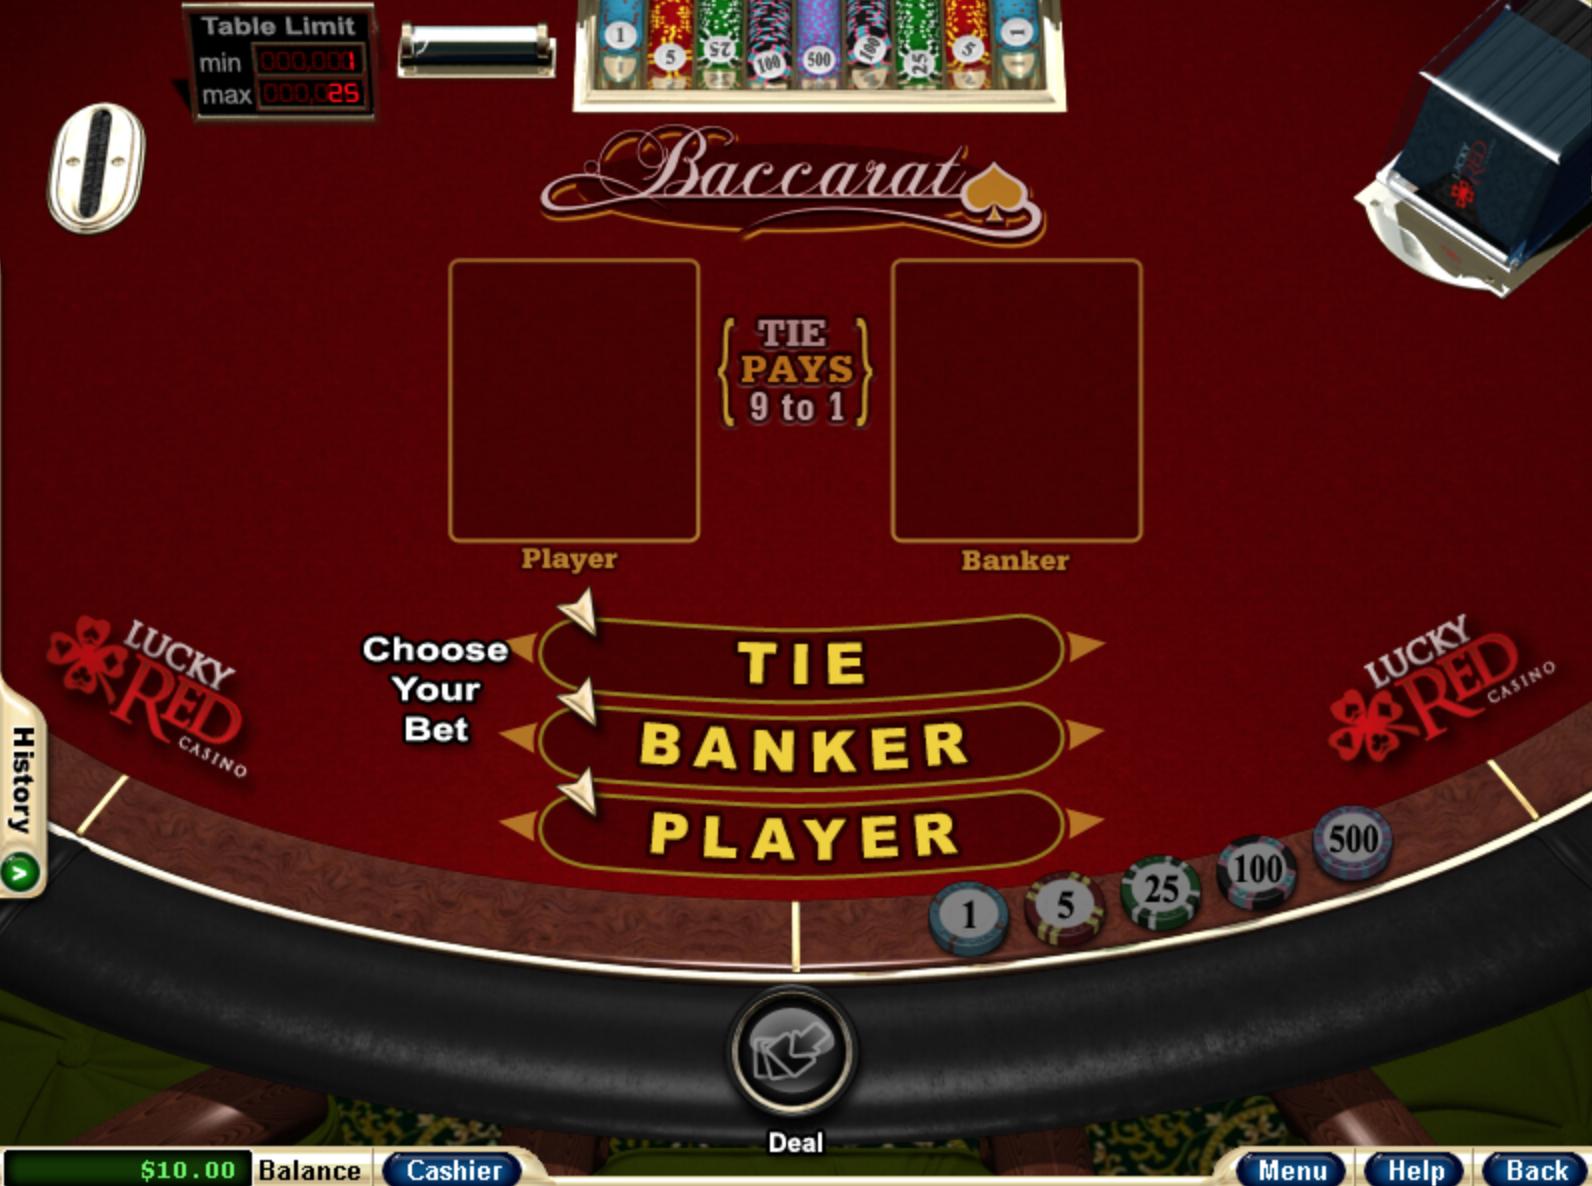 Baccarat casino gambling online virtual seminal hardrock casino